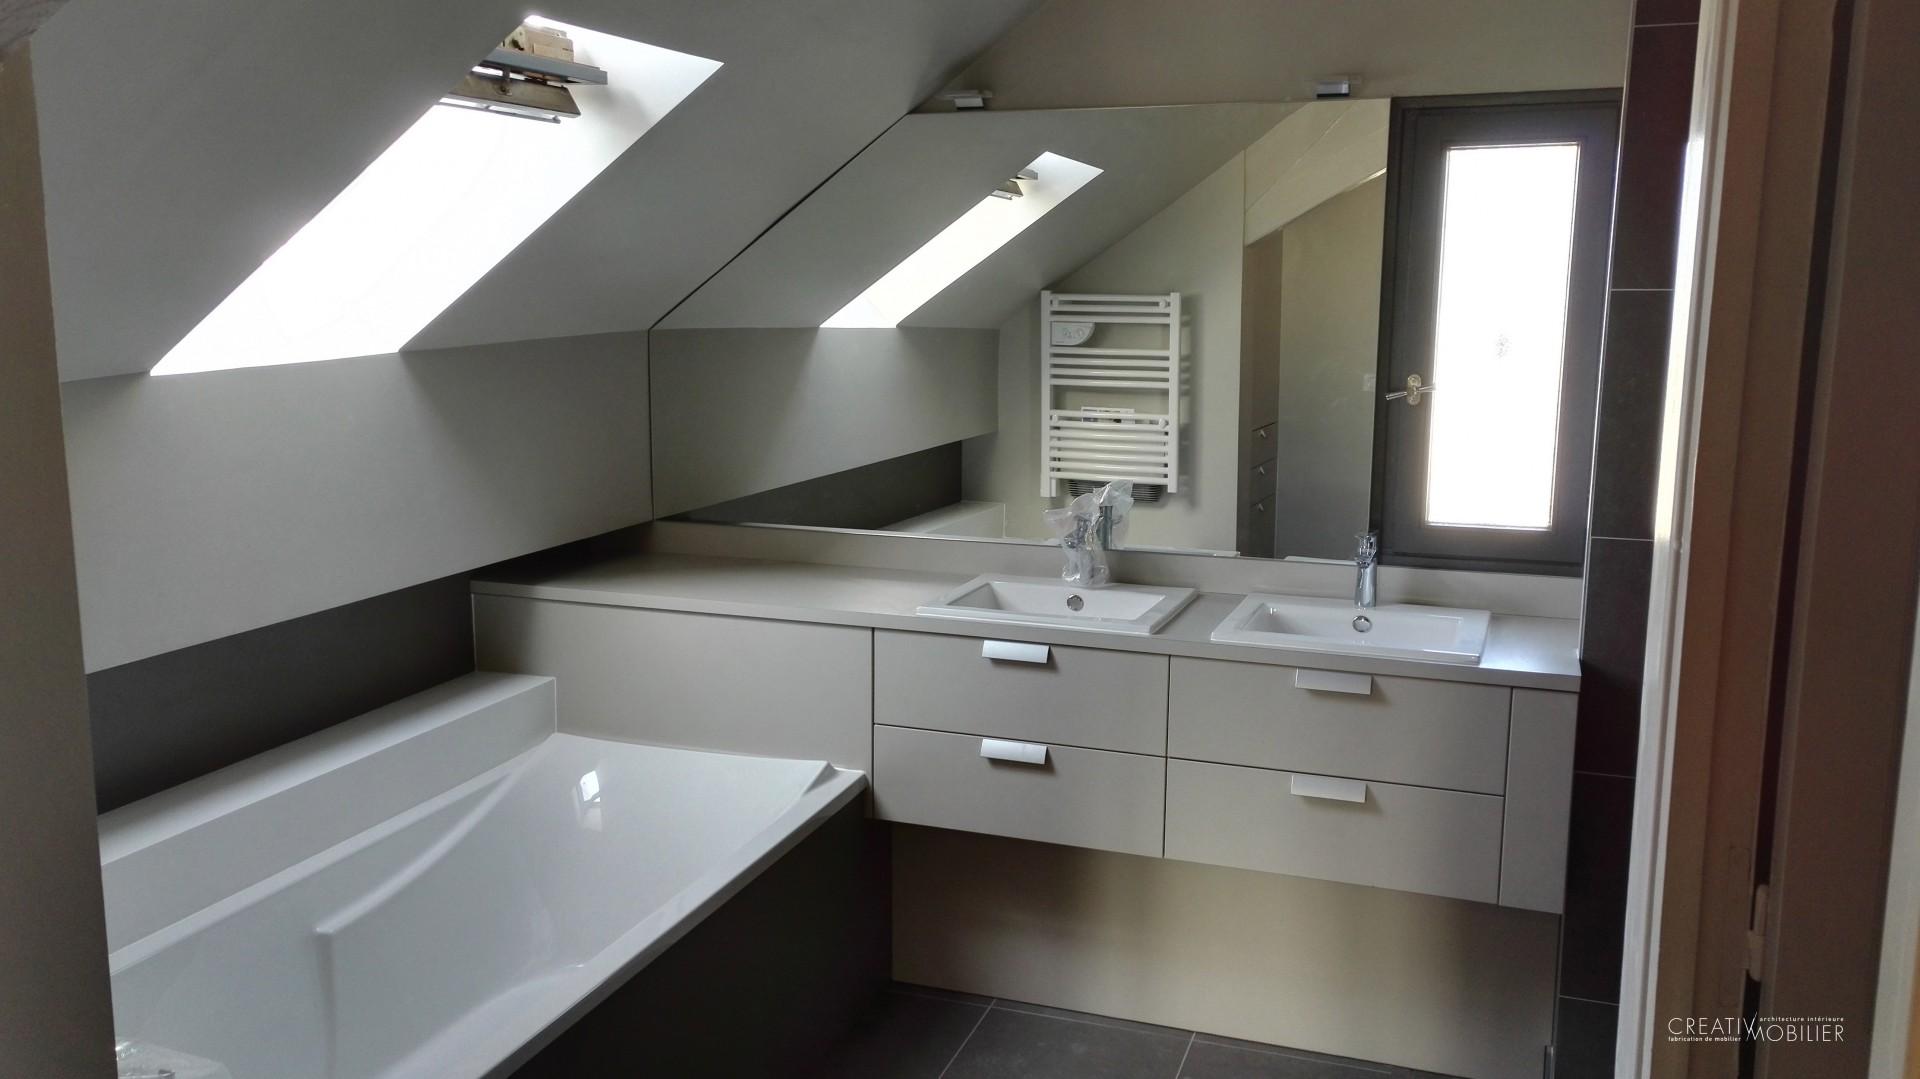 Photo Salle De Bain Sous Comble salle de bain sur mesure à angers, maine-et-loire (49)